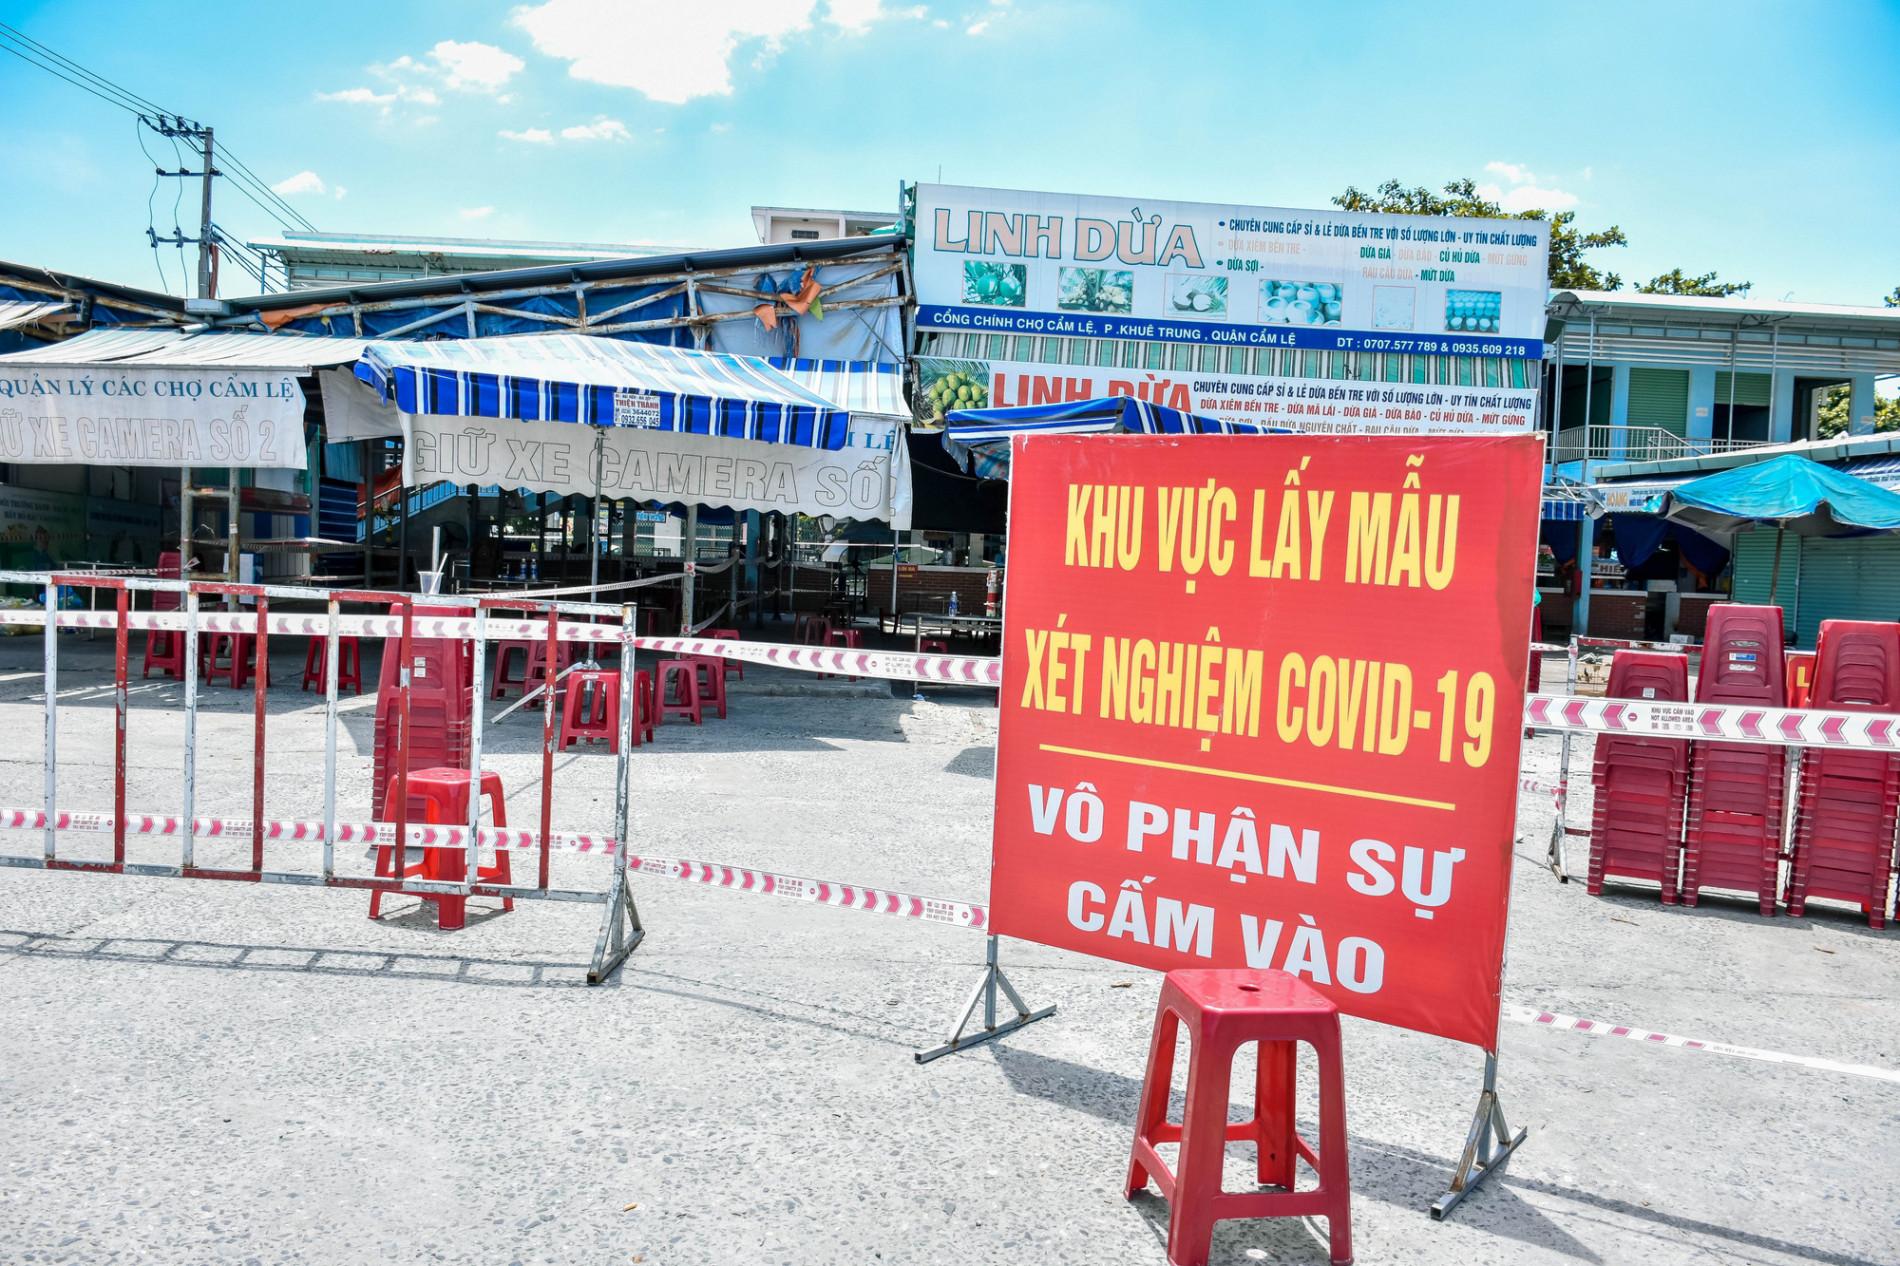 Người bán chè dương tính SARS-CoV-2, Đà Nẵng tạm đóng cửa chợ Cẩm Lệ - Ảnh 1.